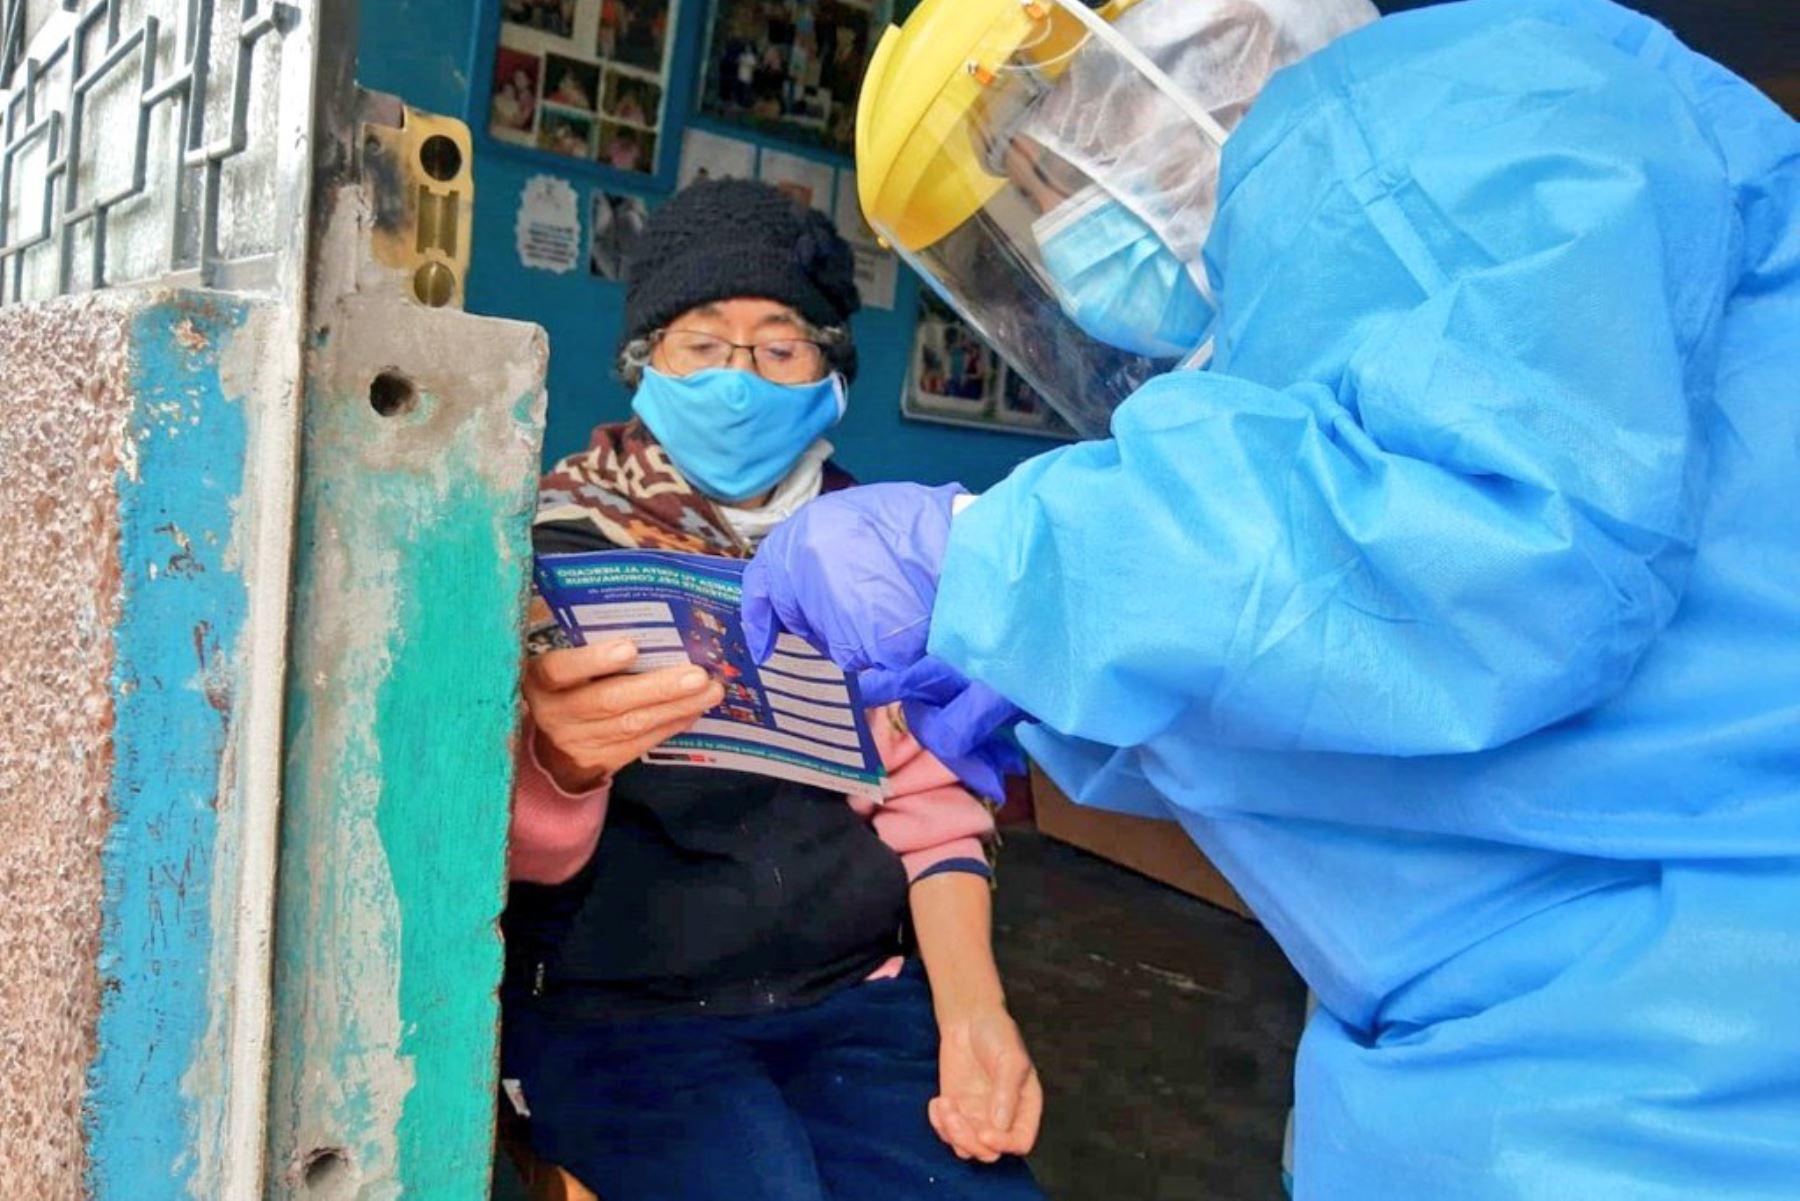 Hoy, en Carabayllo, Equipos de Respuesta Rápida del Minsa realizaron evaluación y descarte de covid-19, con pruebas moleculares, a 481 personas vulnerables. Como parte de la intervención, los especialistas visitaron 330 viviendas del distrito. Foto: Minsa